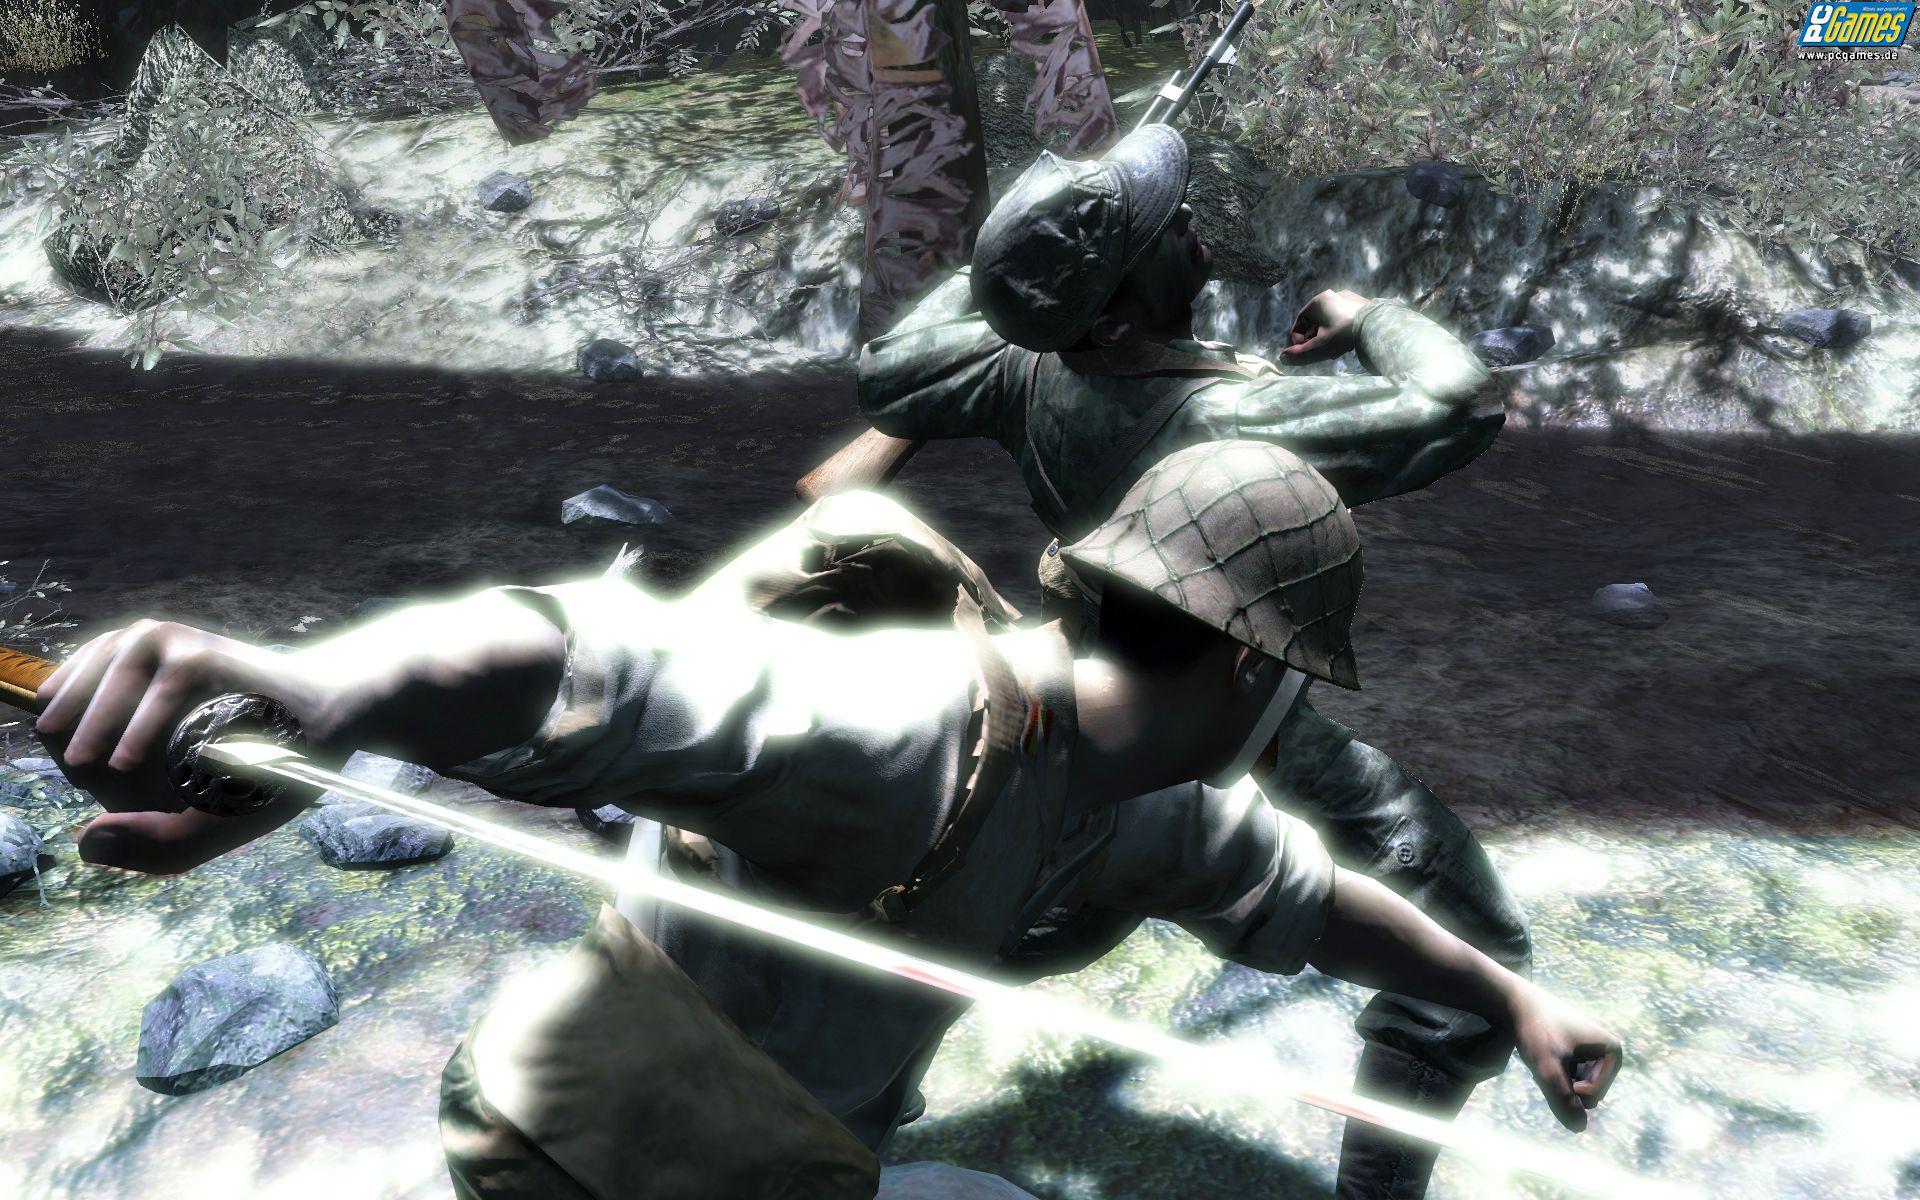 [Oficial] Call Of Duty 5: World at War - Página 3 Cod5_pcgames003